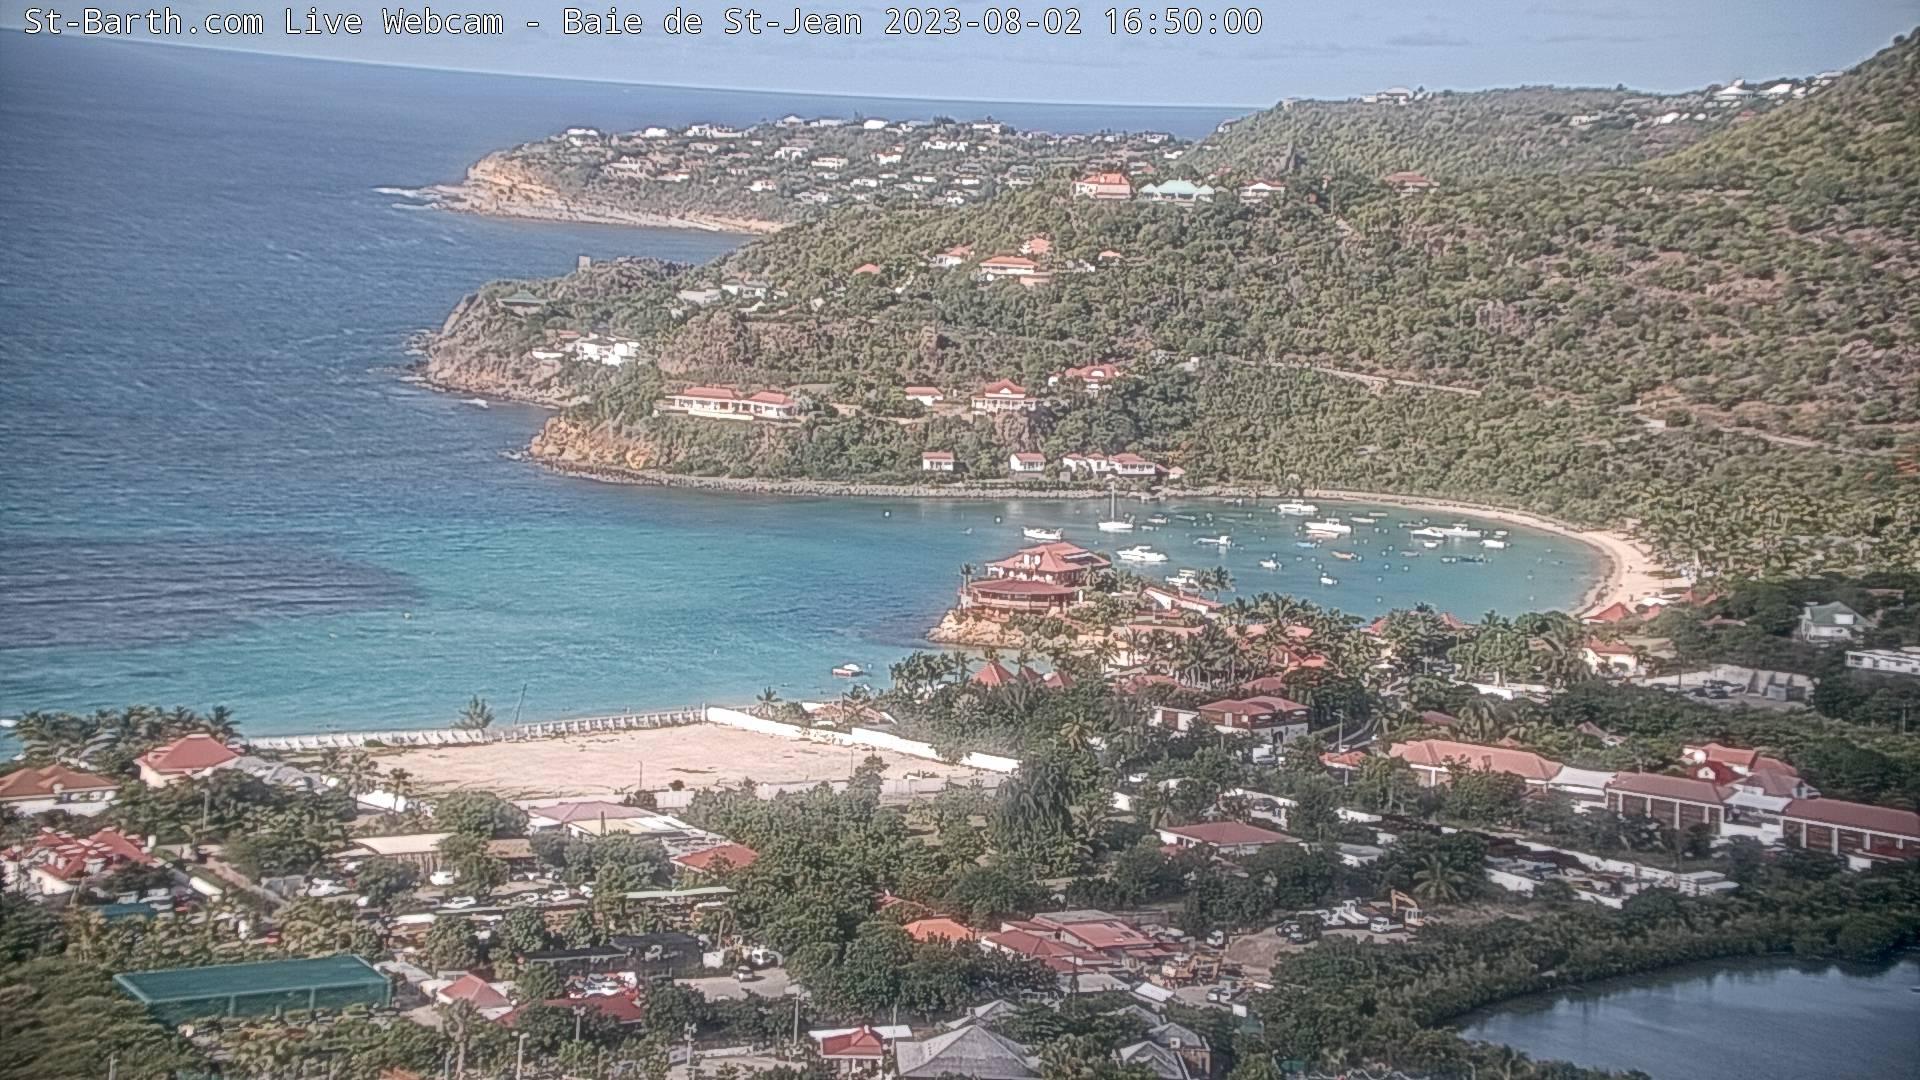 Webcam Baie de St-Jean St Barthelemy